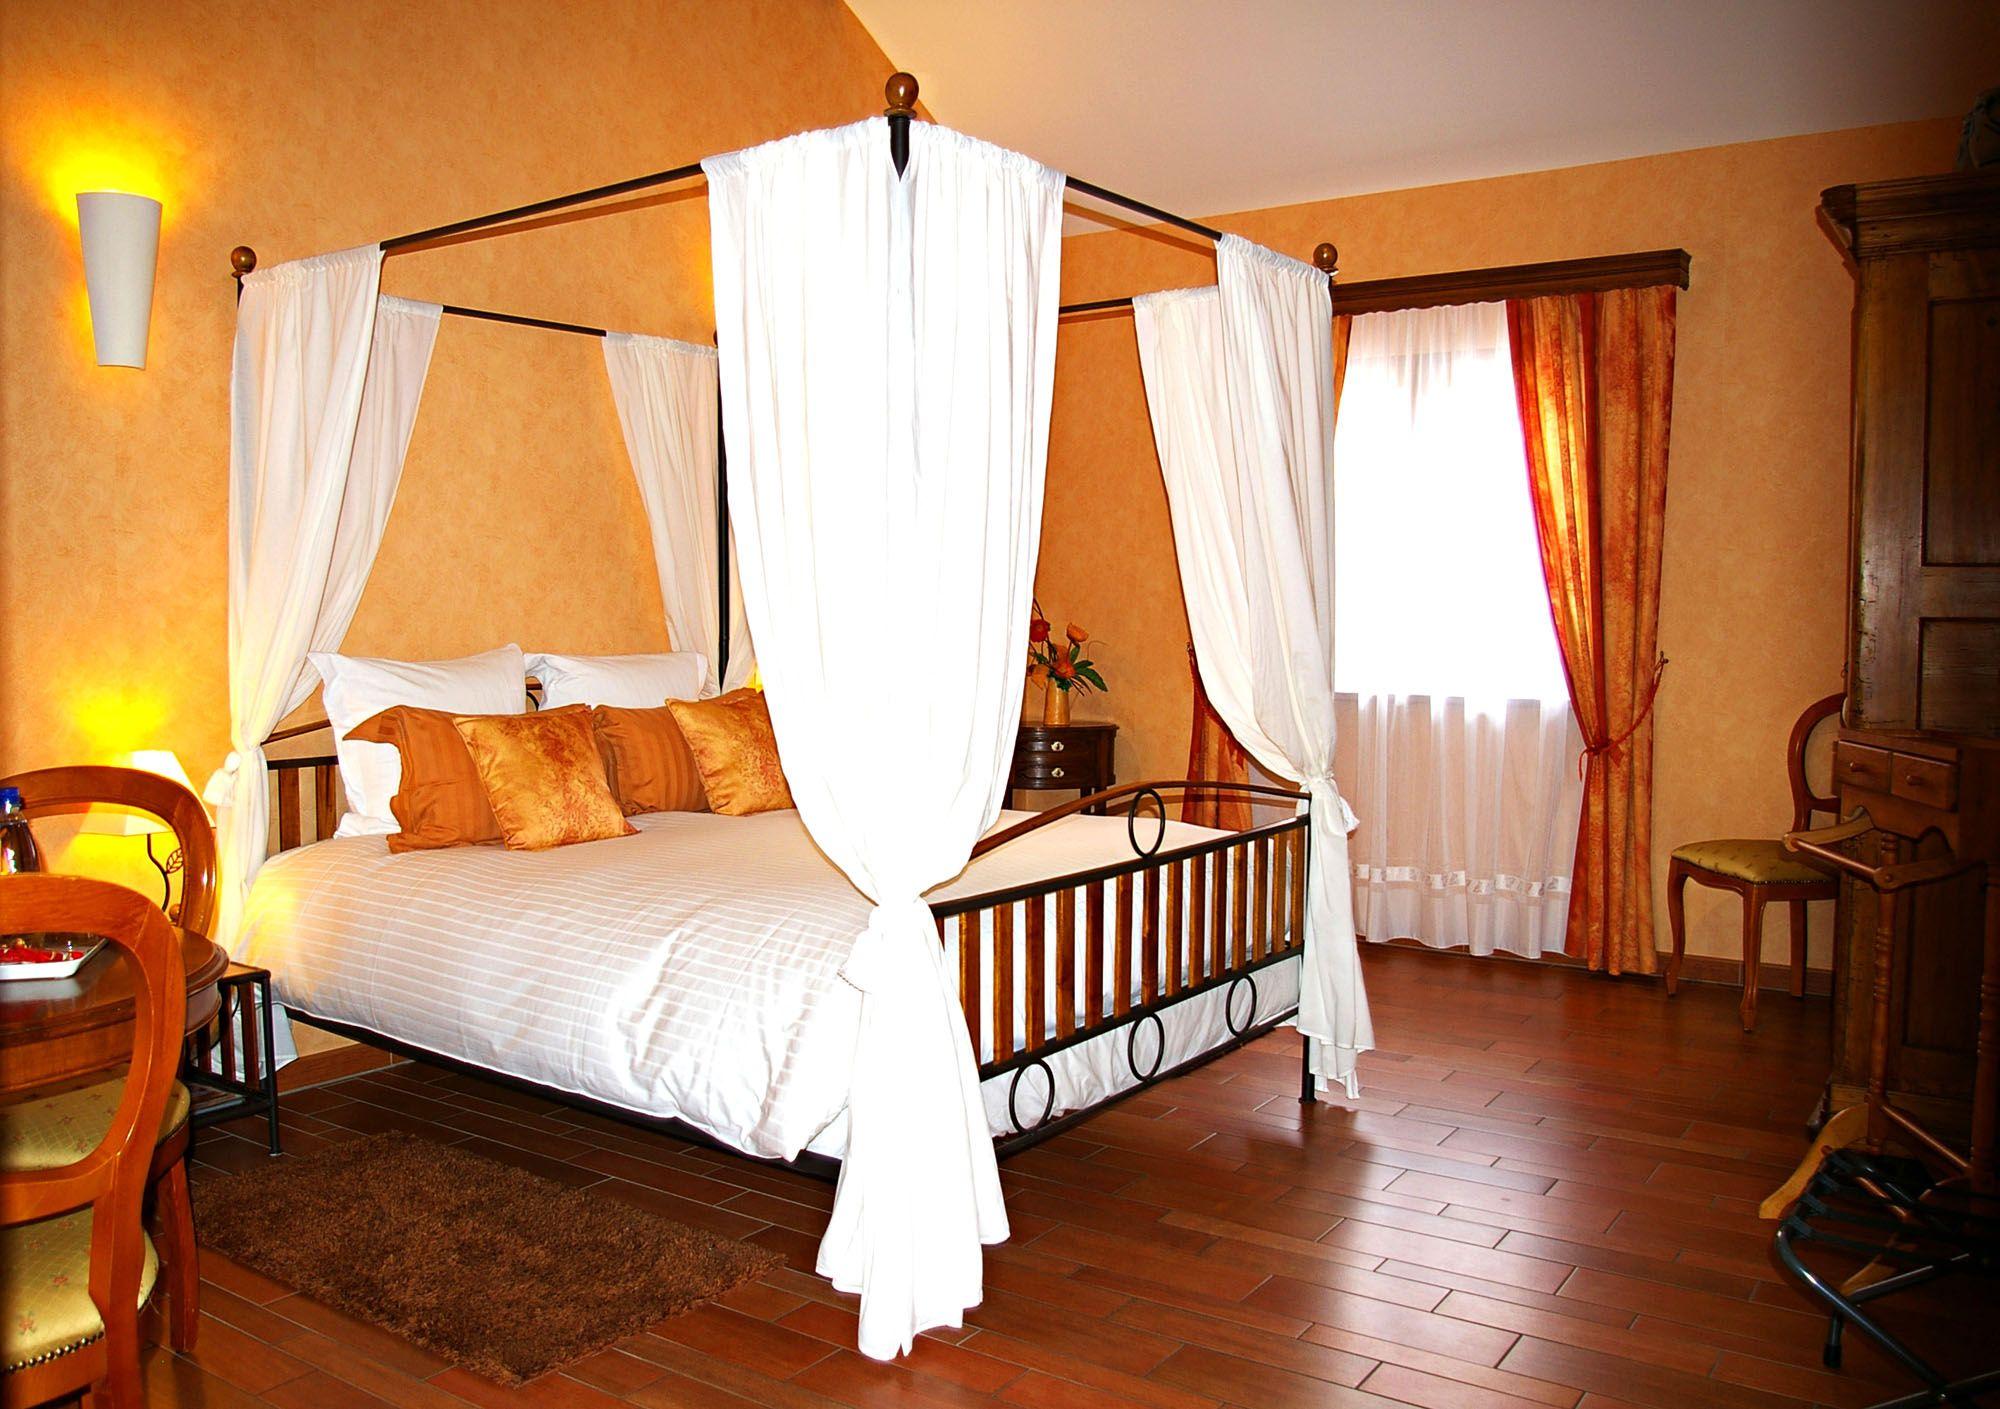 4 chambres d h´tes de charme en Alsace sur la route des vins dans